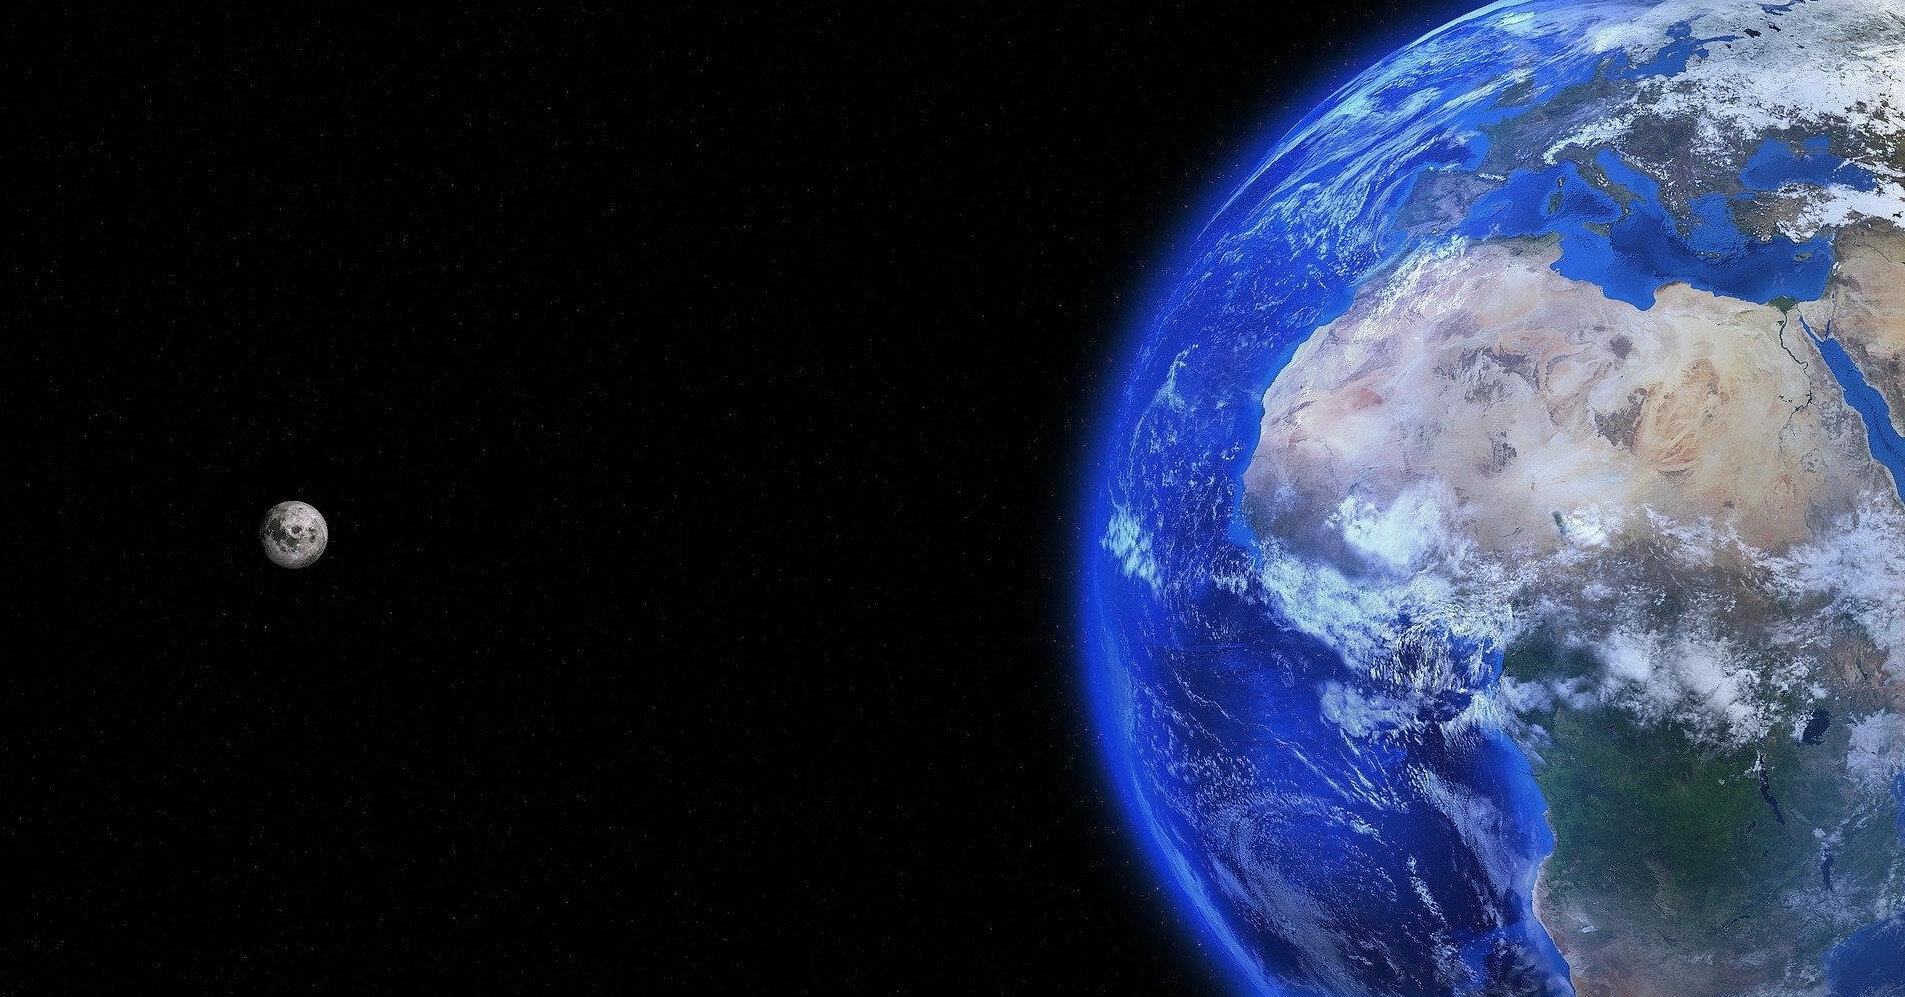 Безос продал билеты в космос на миллионы долларов